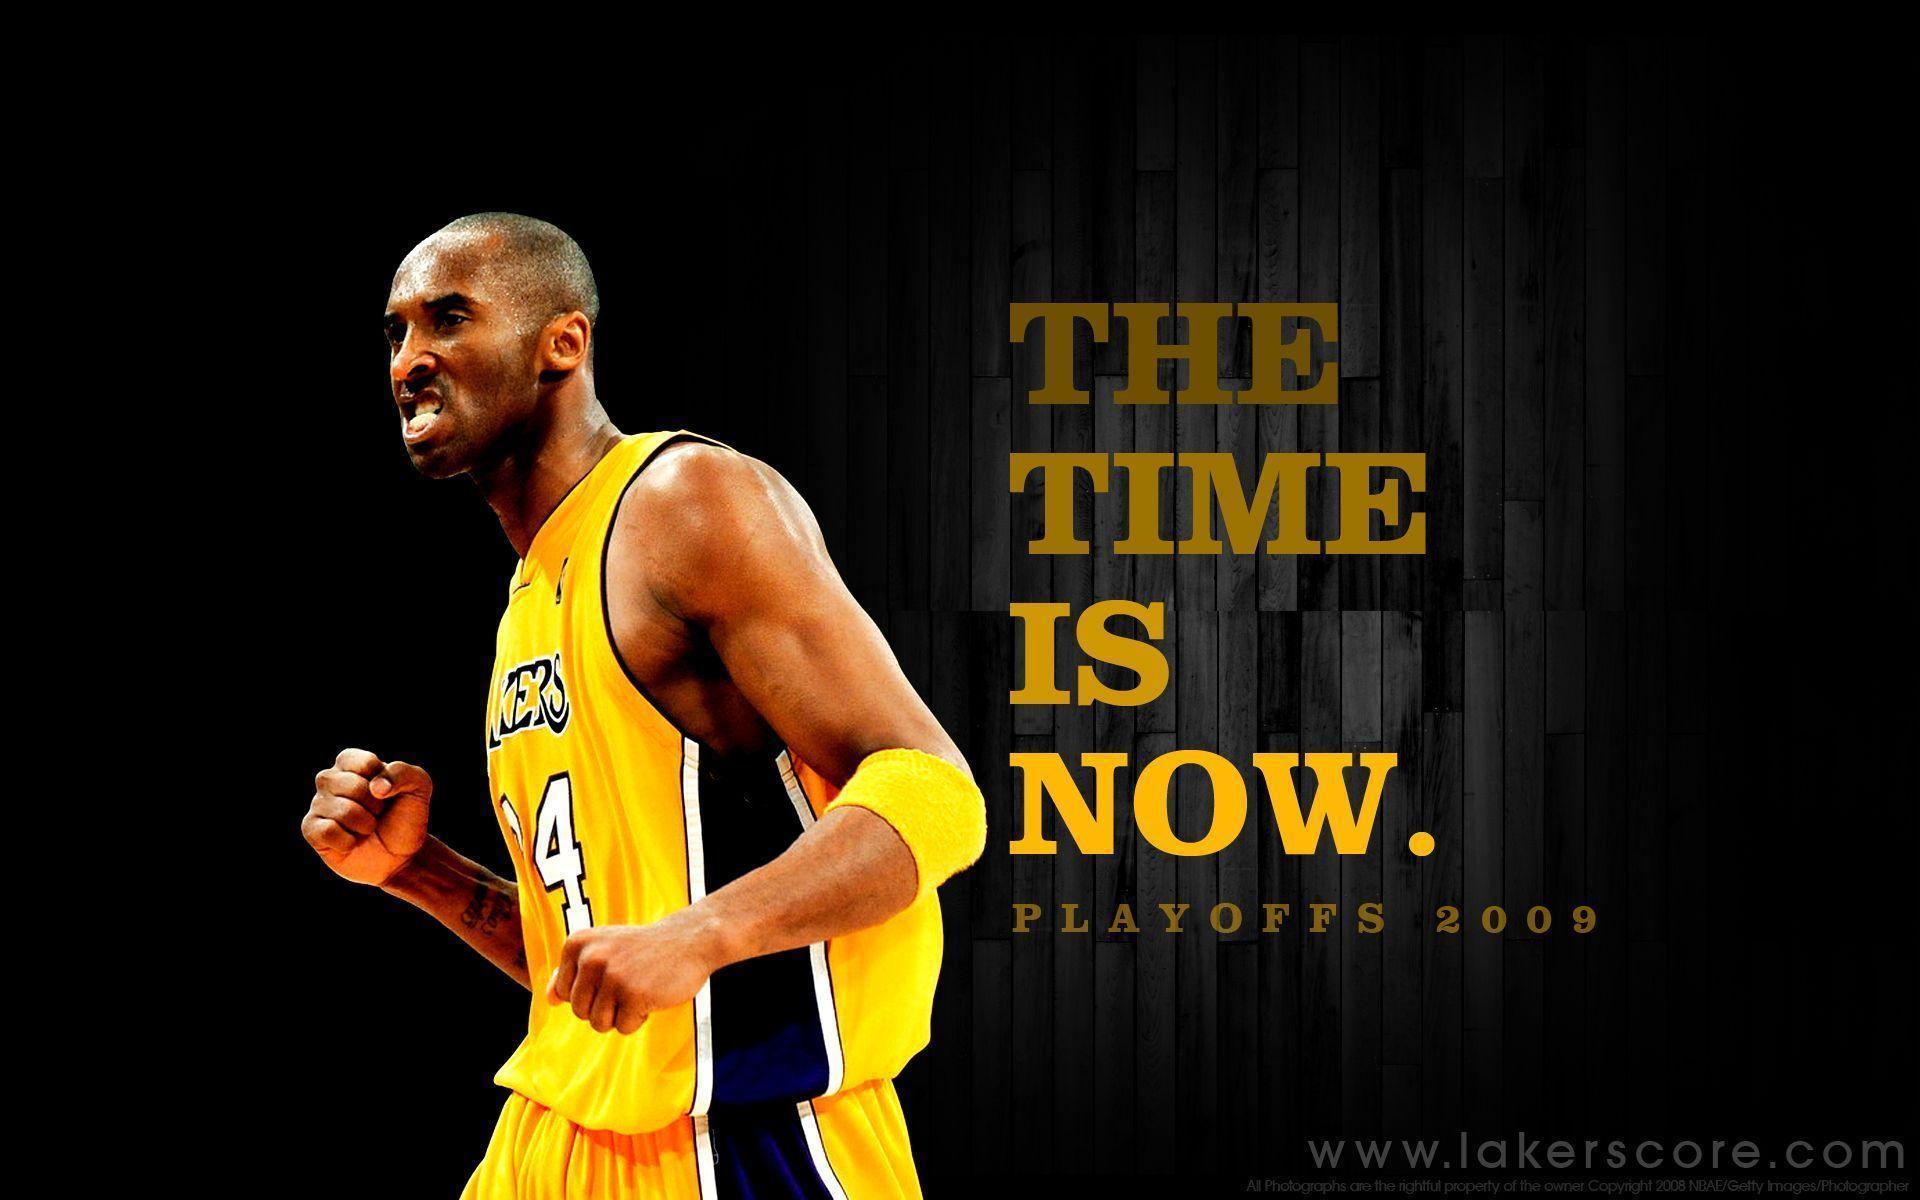 Kobe Bryant Quote Wallpaper Lakers Desktop Wallpapers Wallpaper Cave